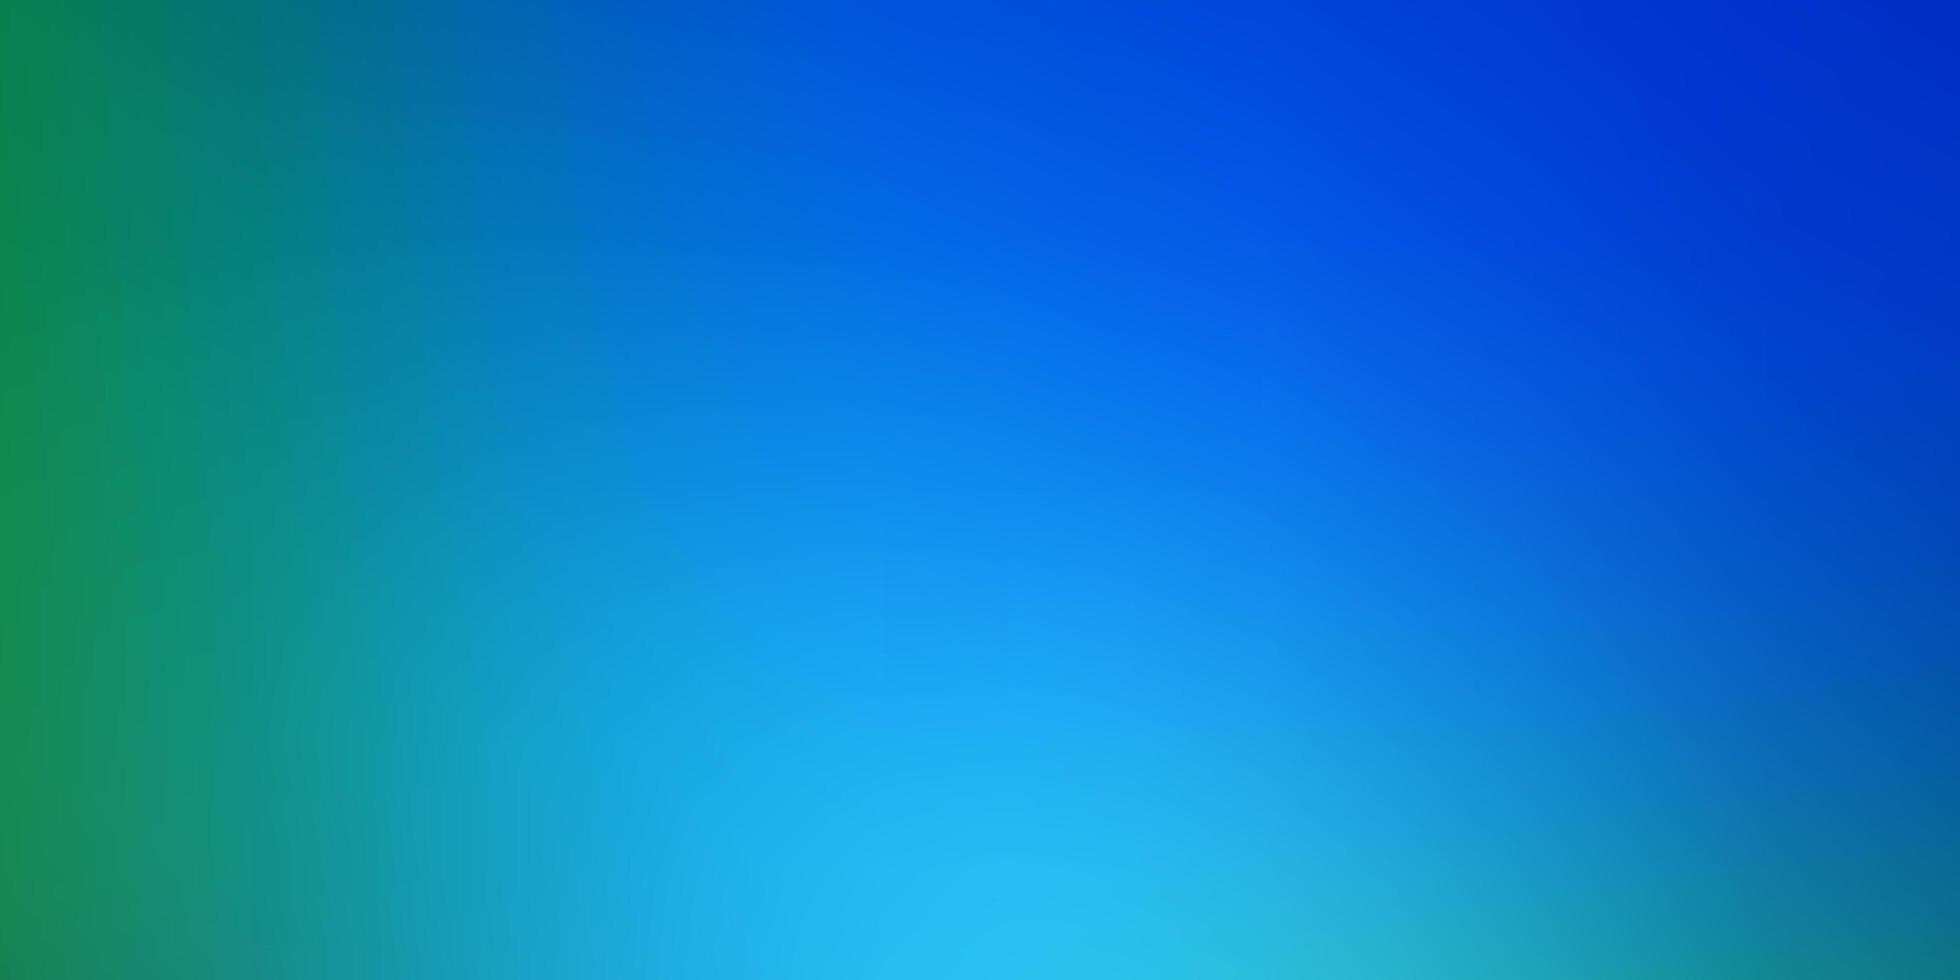 Fondo borroso abstracto del vector azul claro, verde.